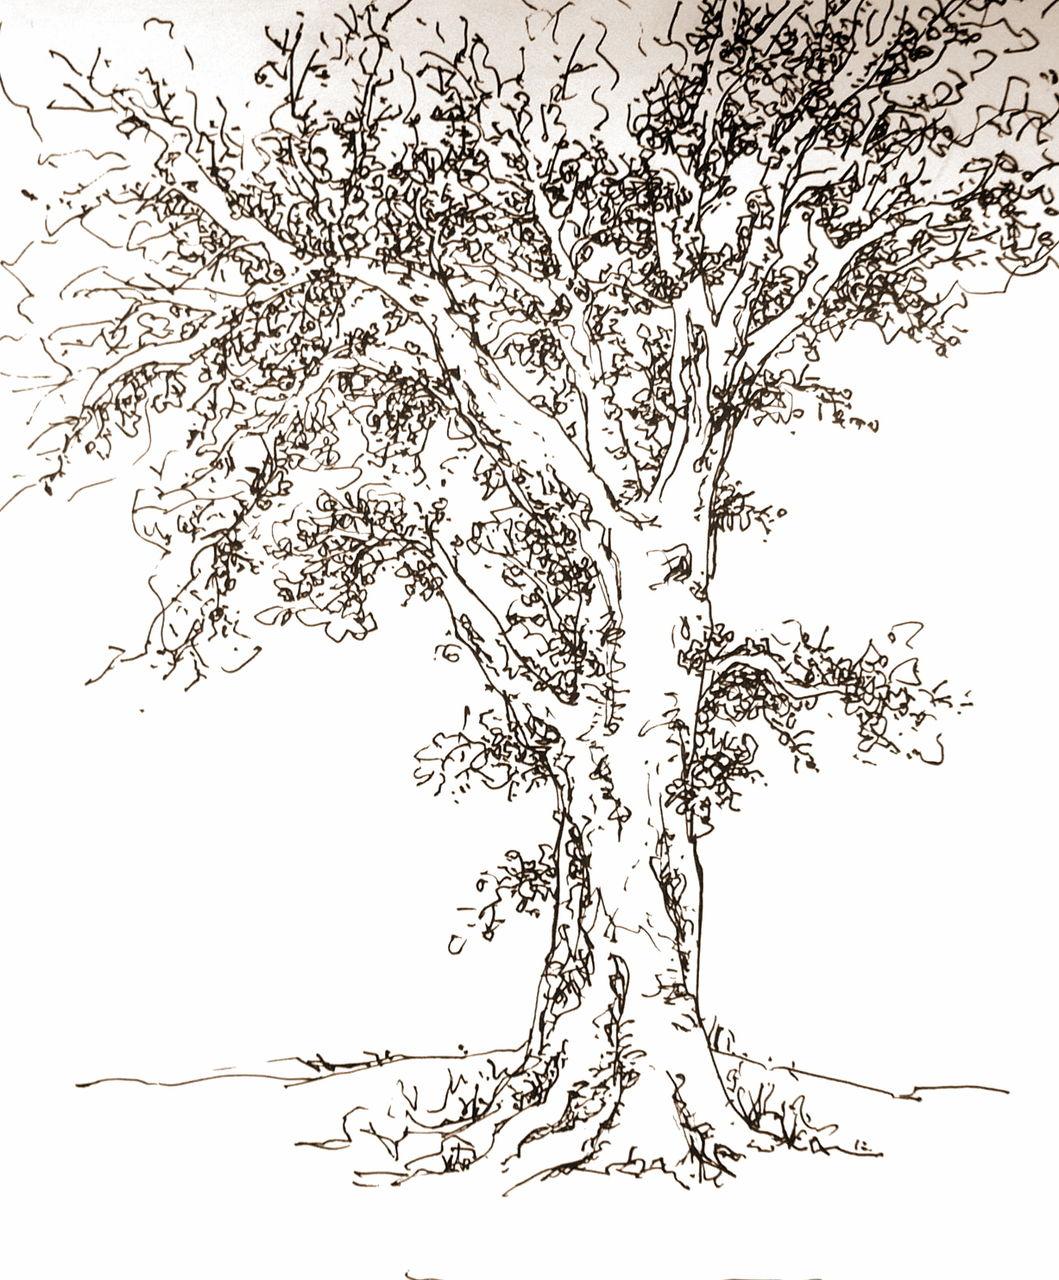 简笔画 手绘 线稿 1059_1280图片